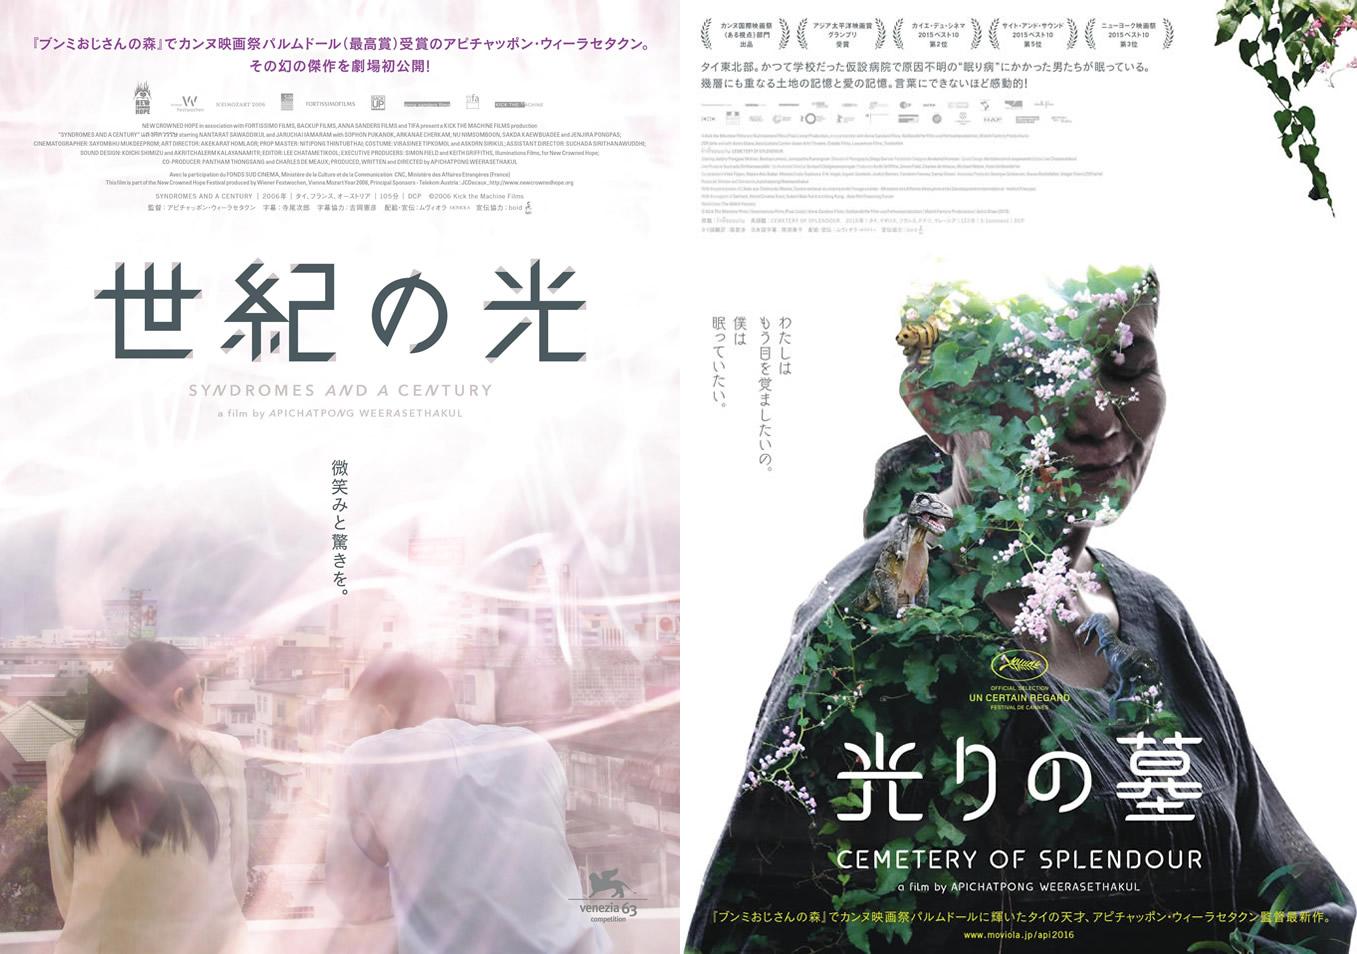 タイ映画「世紀の光」「光りの墓」DVDが2017年2月25日発売